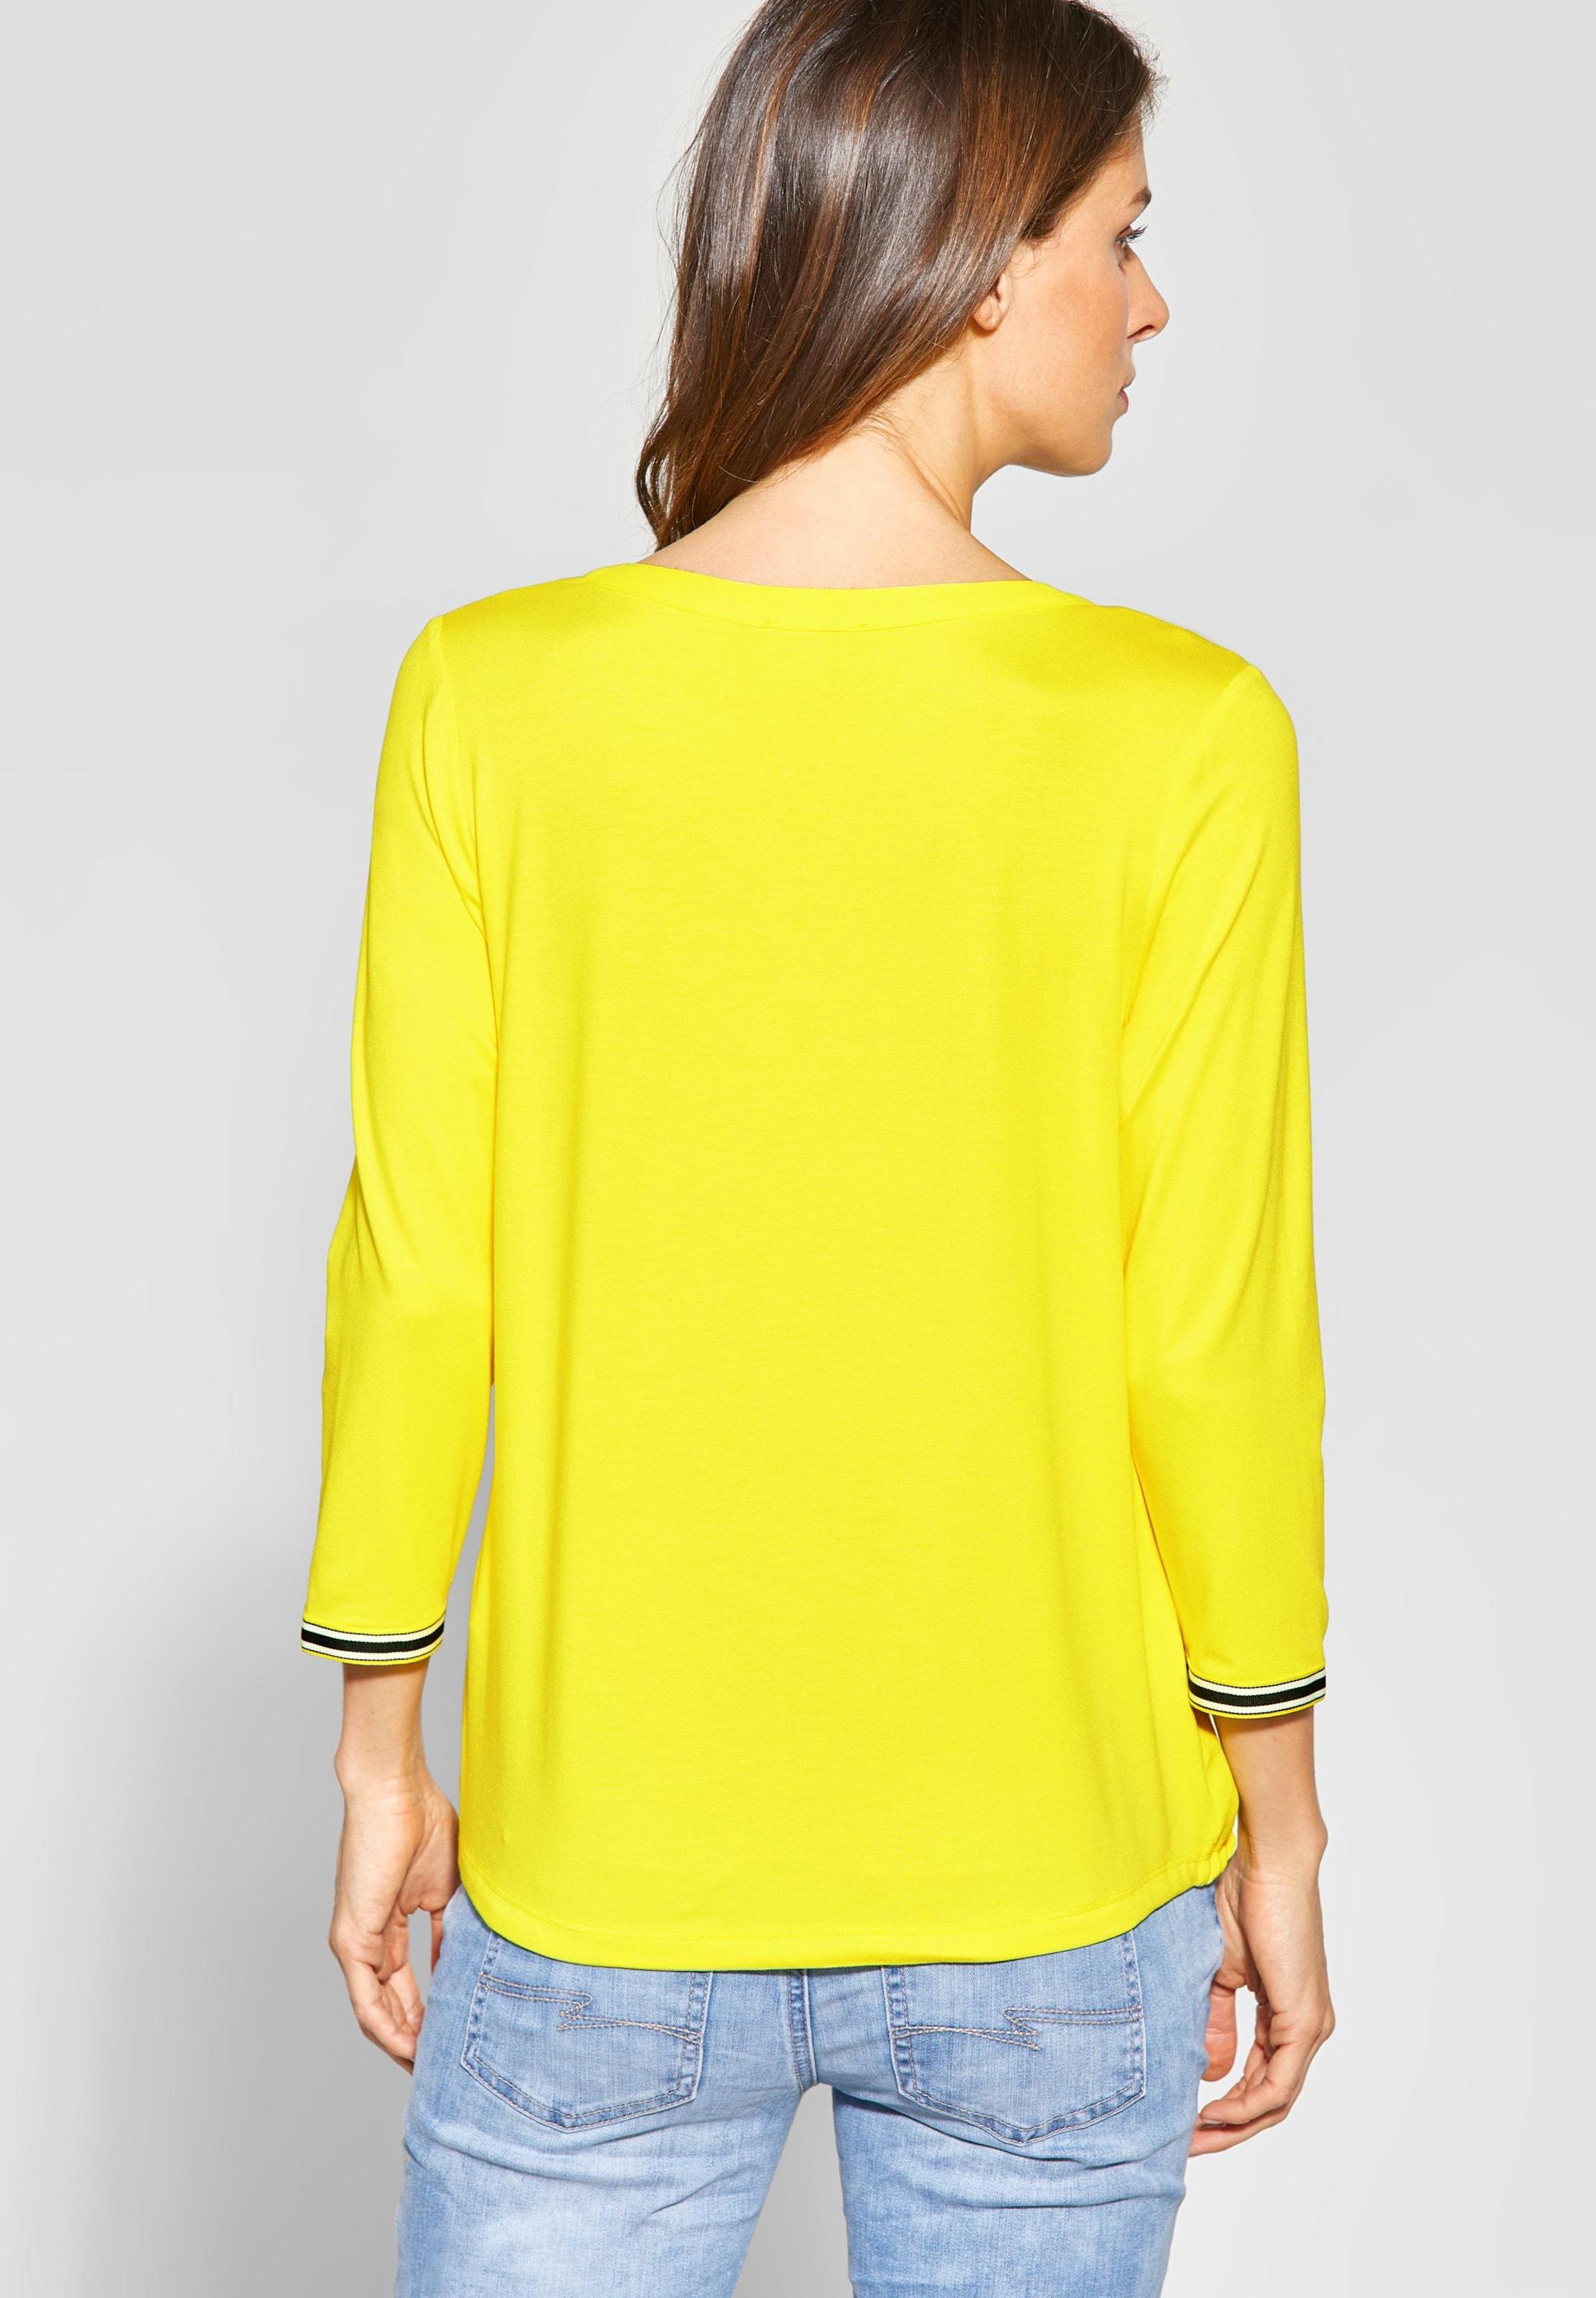 Street Weiß Shirt In One GelbSchwarz E9DIWH2Y